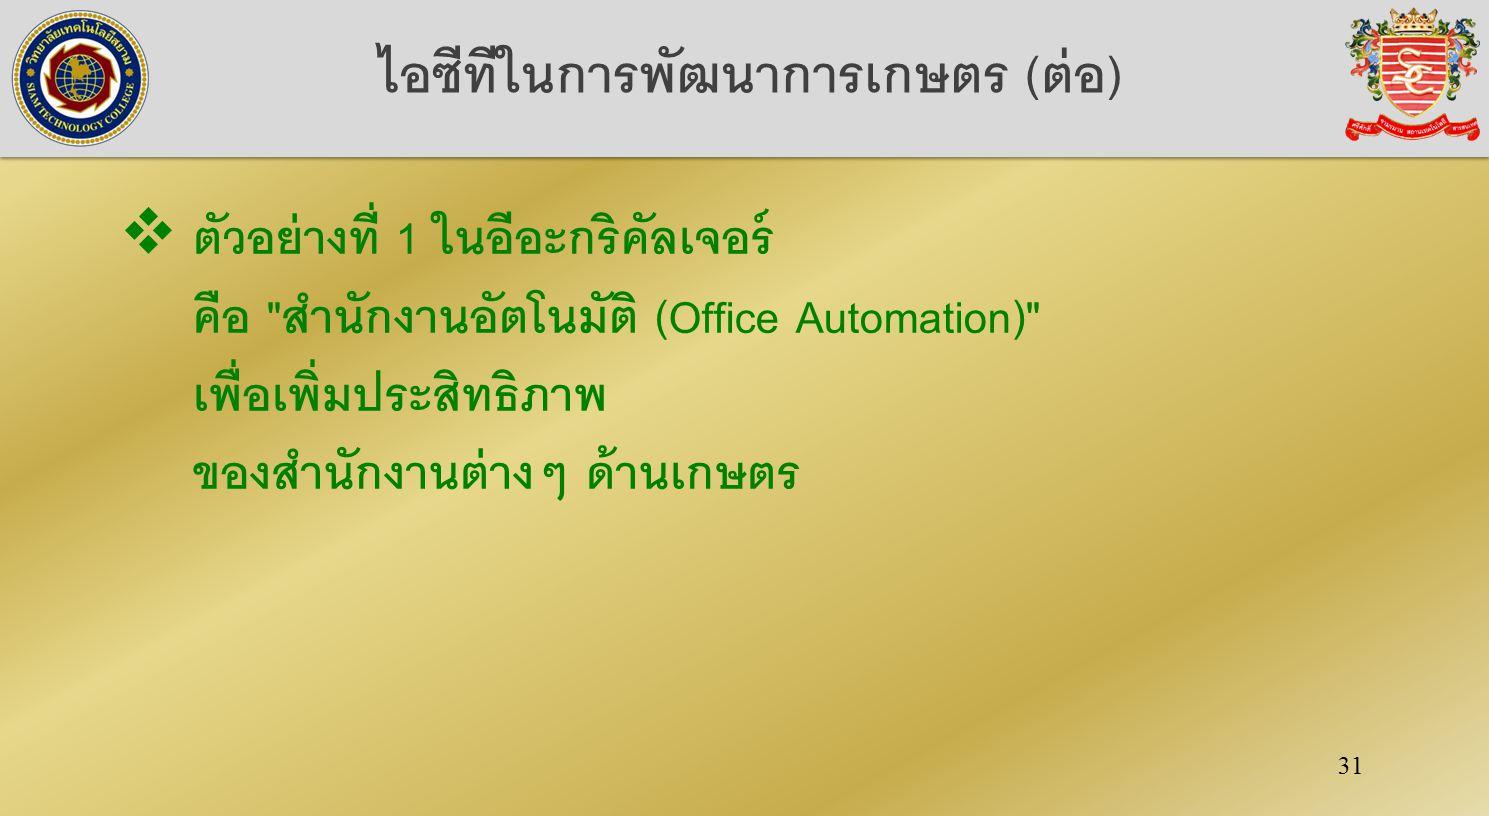 31 ไอซีทีในการพัฒนาการเกษตร (ต่อ)  ตัวอย่างที่ 1 ในอีอะกริคัลเจอร์ คือ สำนักงานอัตโนมัติ (Office Automation) เพื่อเพิ่มประสิทธิภาพ ของสำนักงานต่างๆ ด้านเกษตร